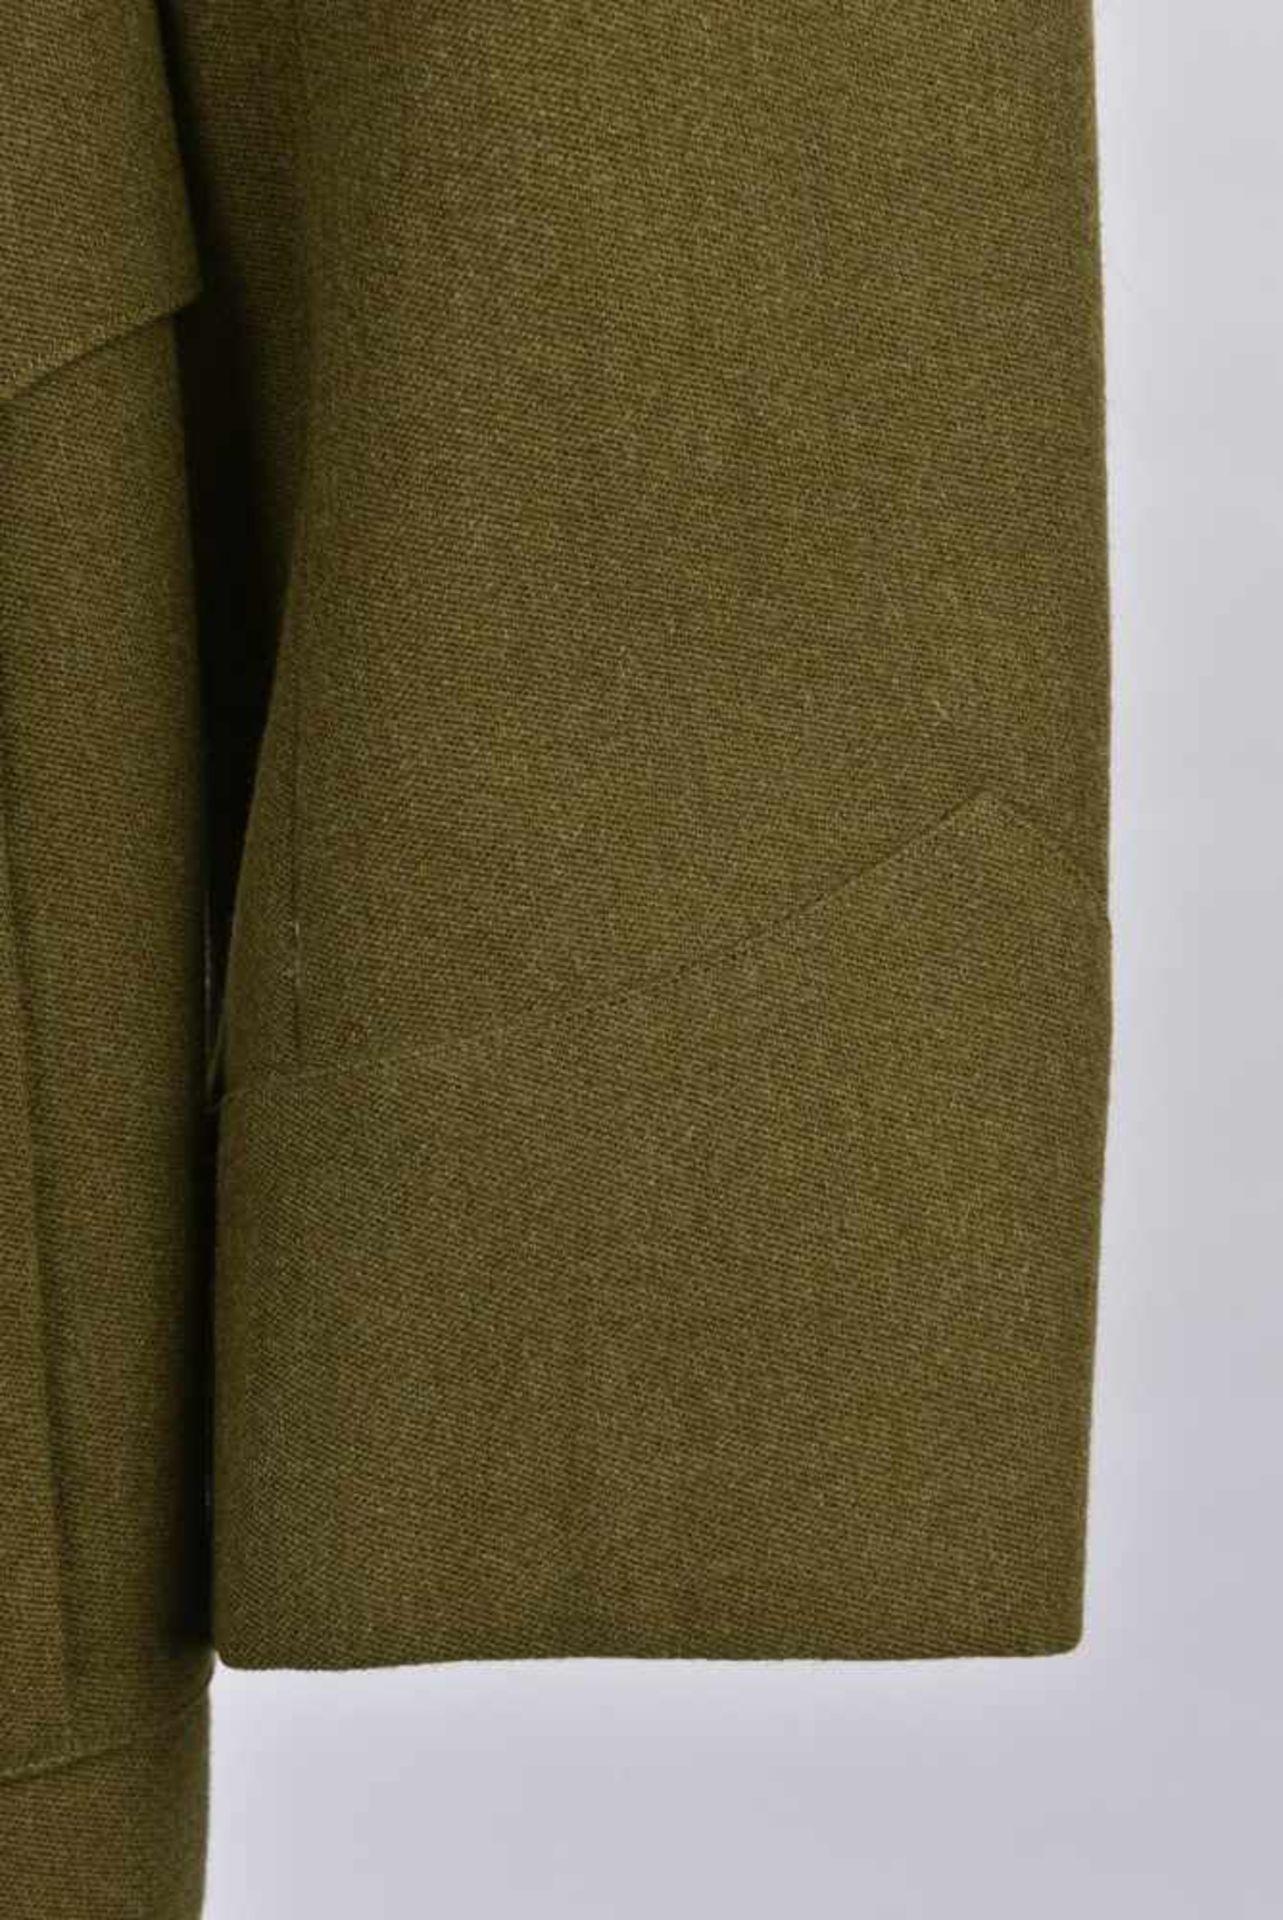 Vareuse French M.25 sans attributs. Bonne taille, complète et en TBE. French' jacket M.25, without - Bild 3 aus 4